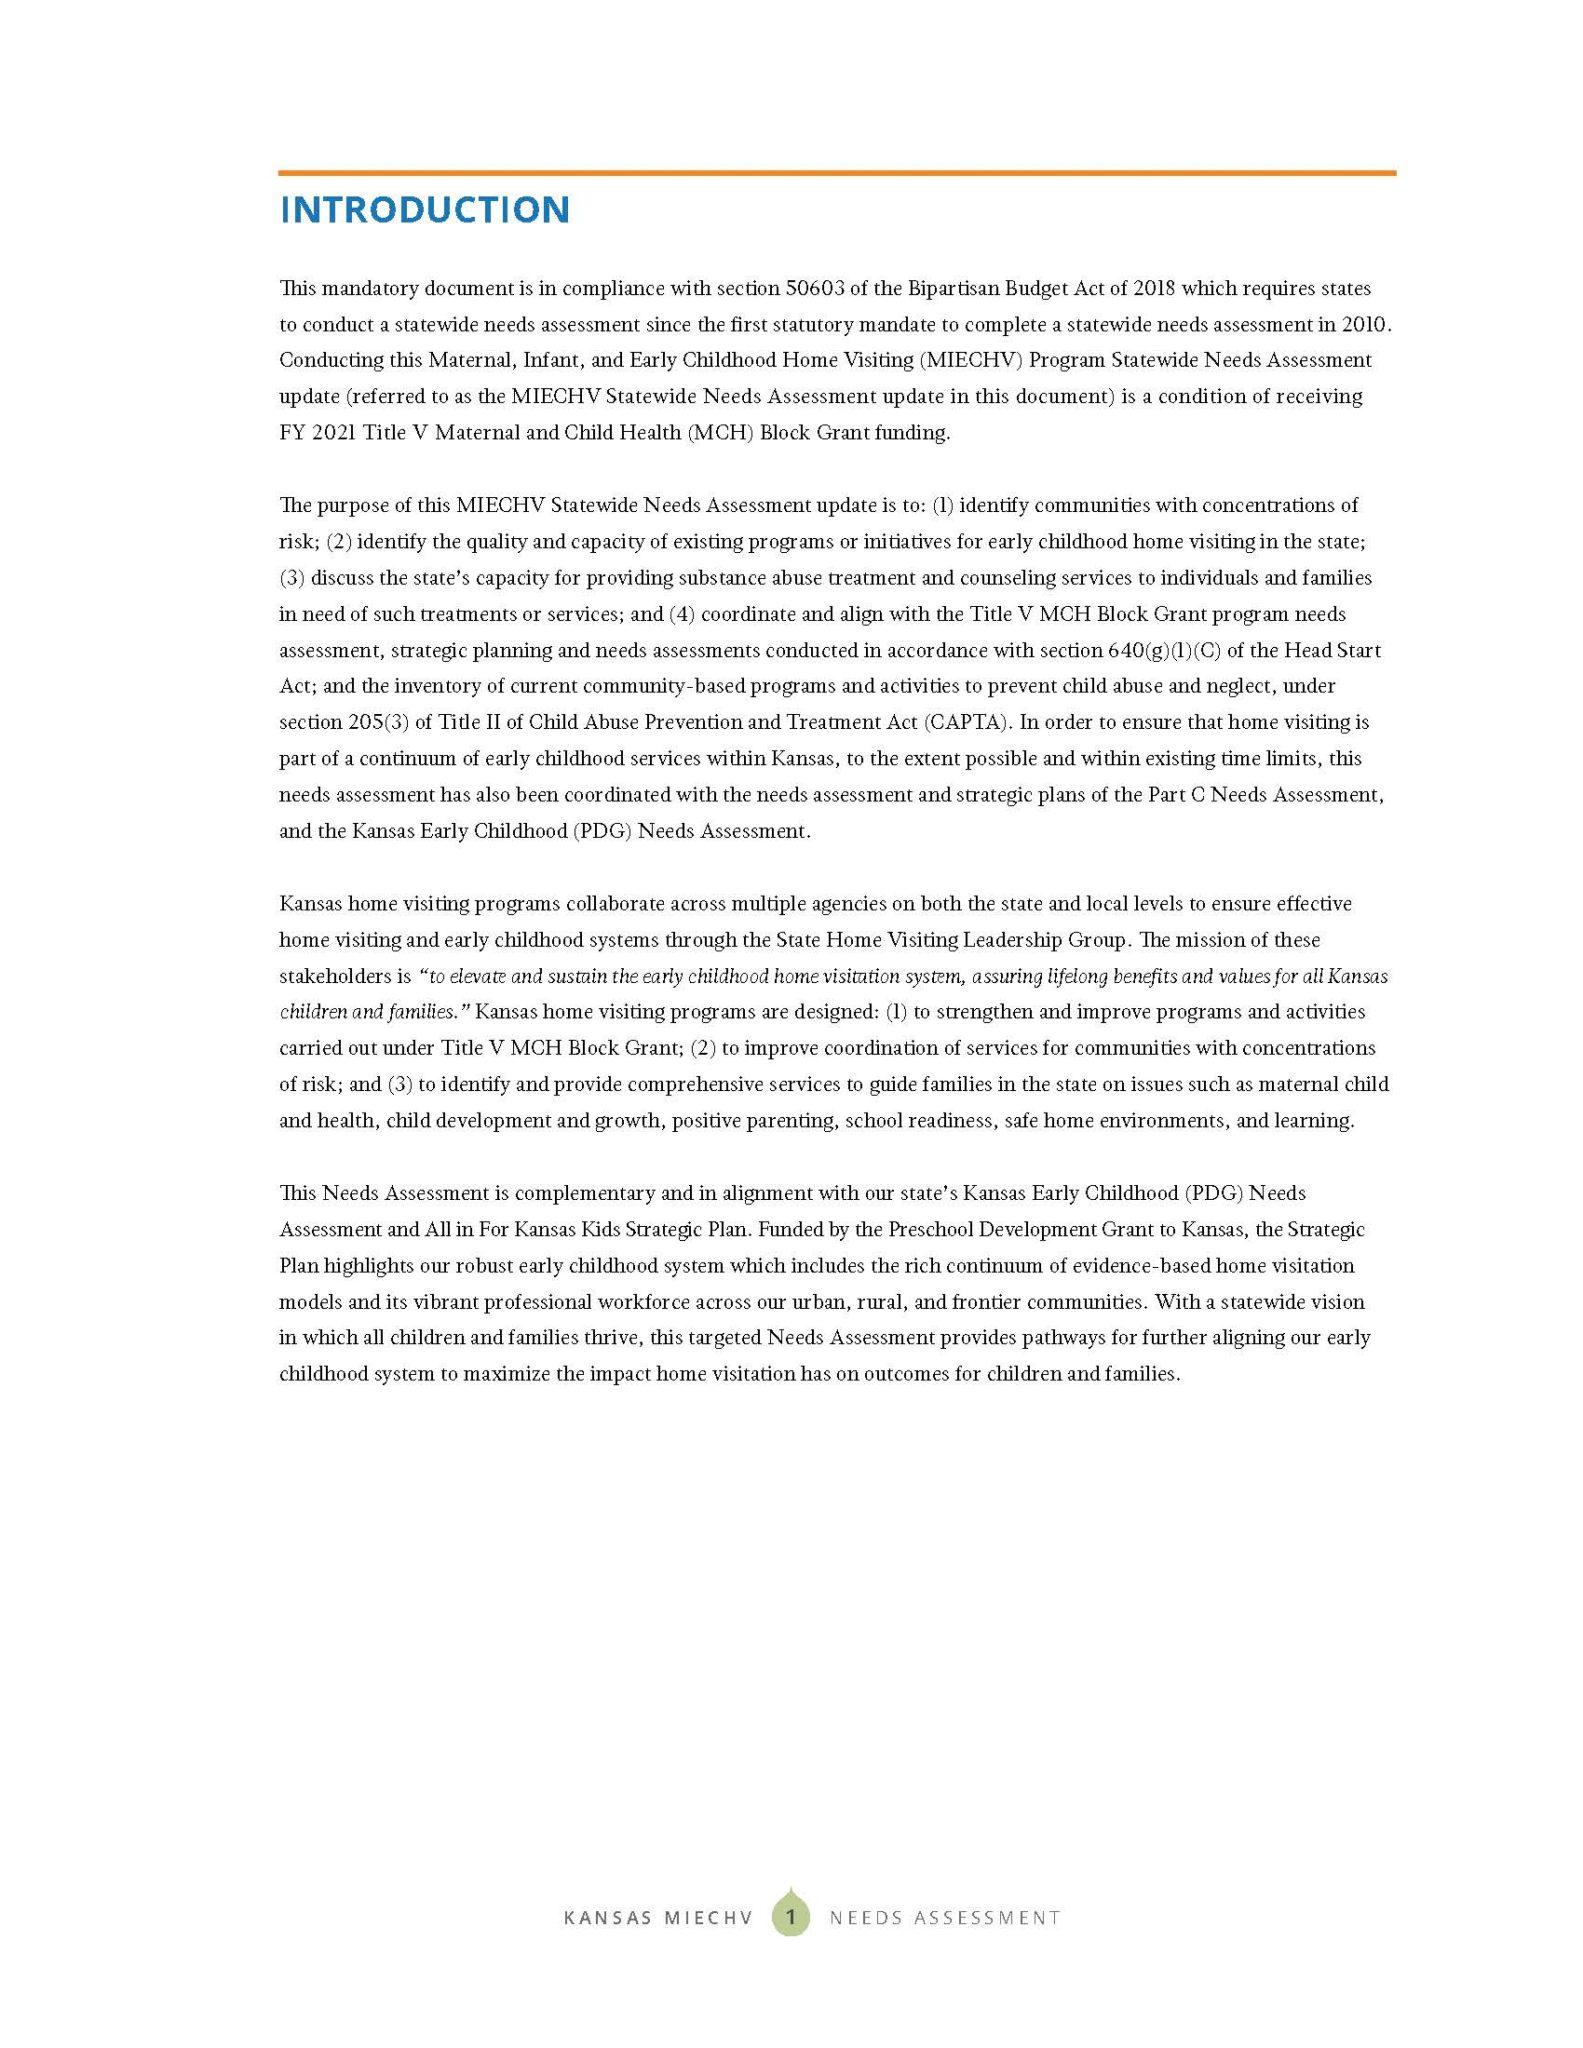 KS MIECHV 2020 Needs Assessment_DIGITAL_Page_009